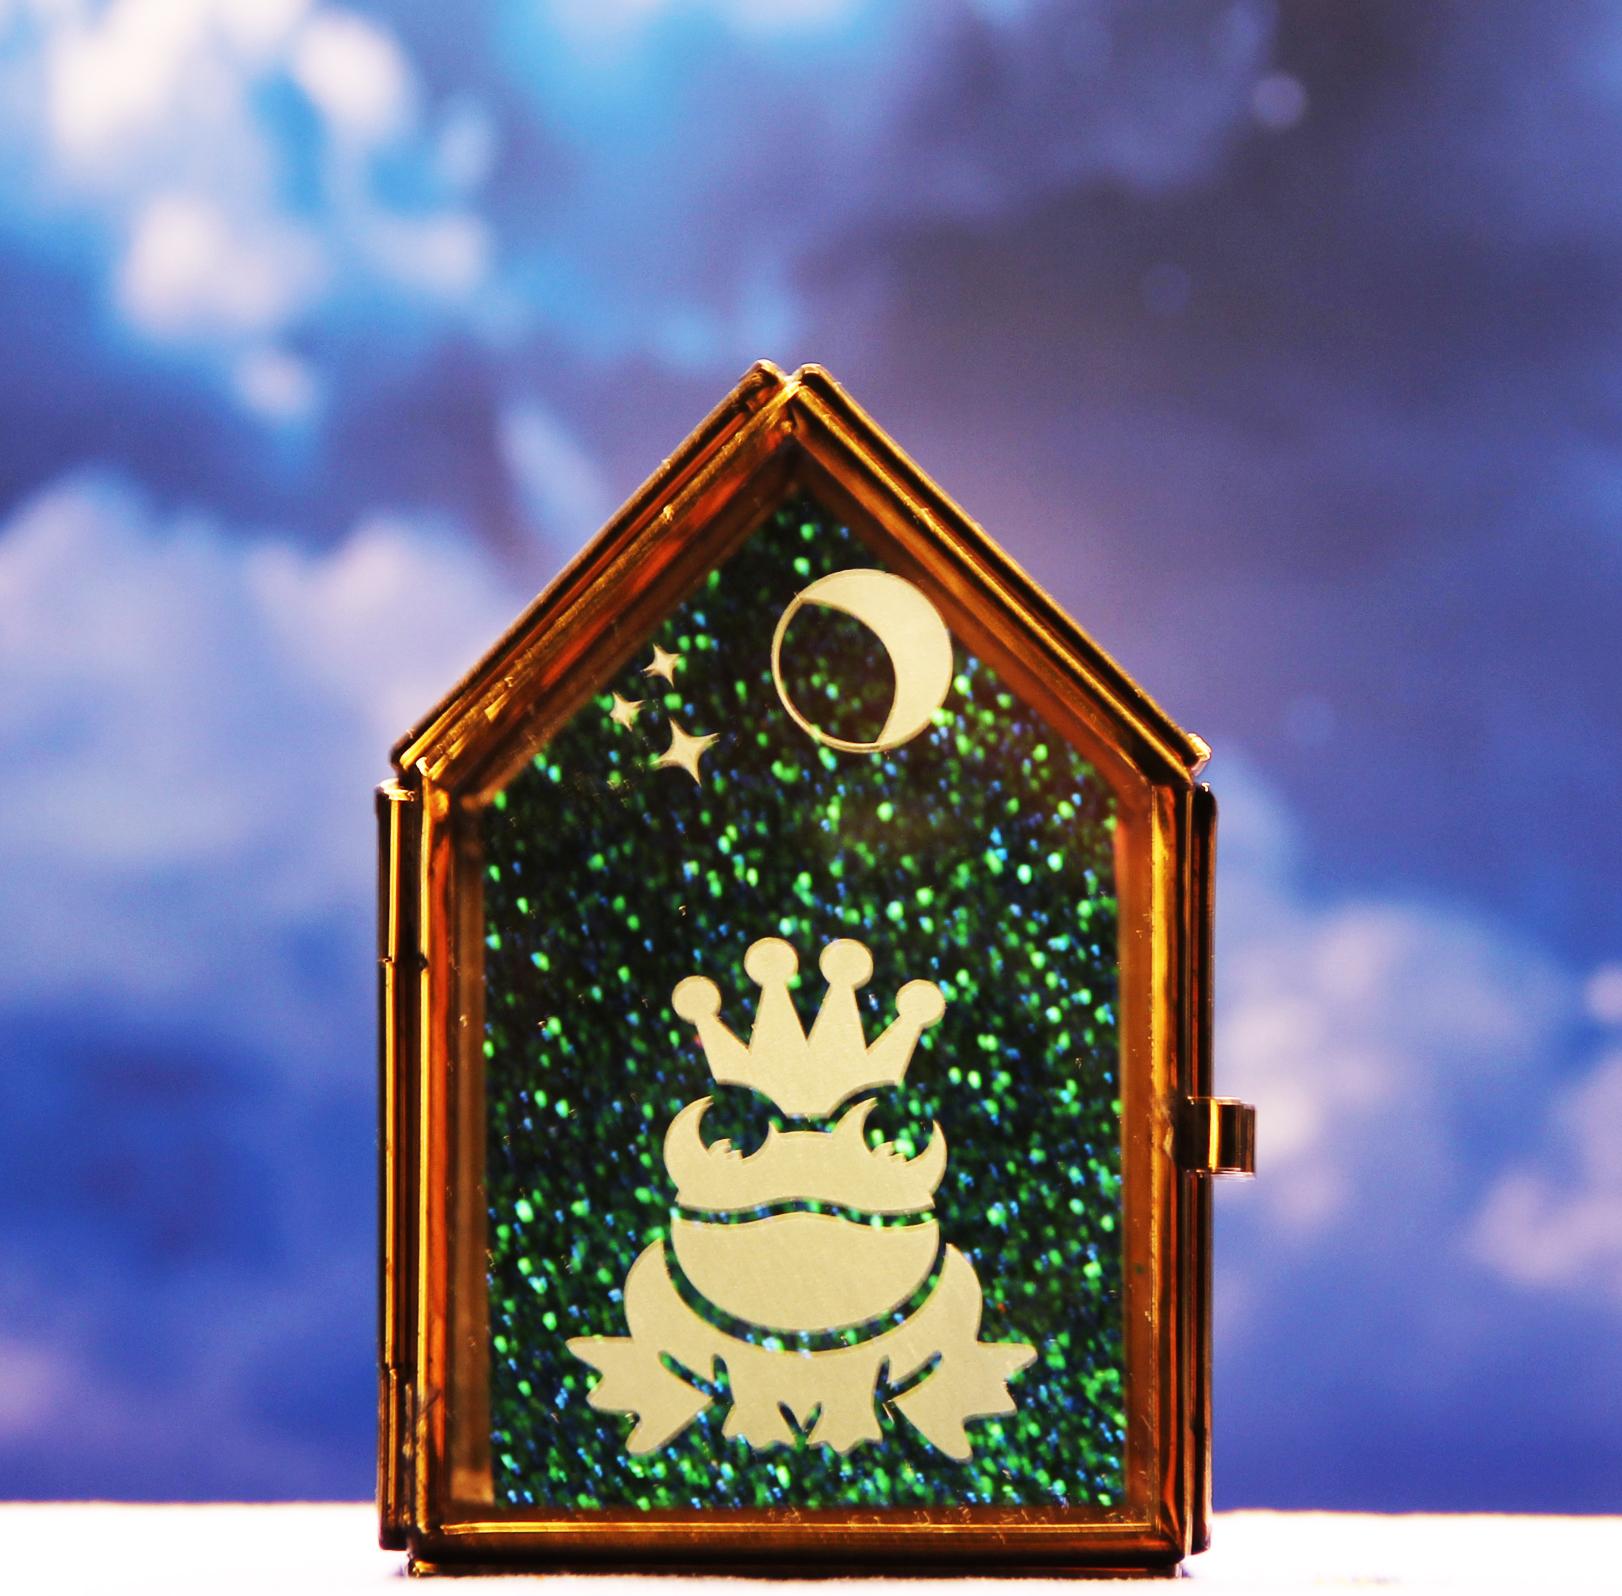 Frog Prince House